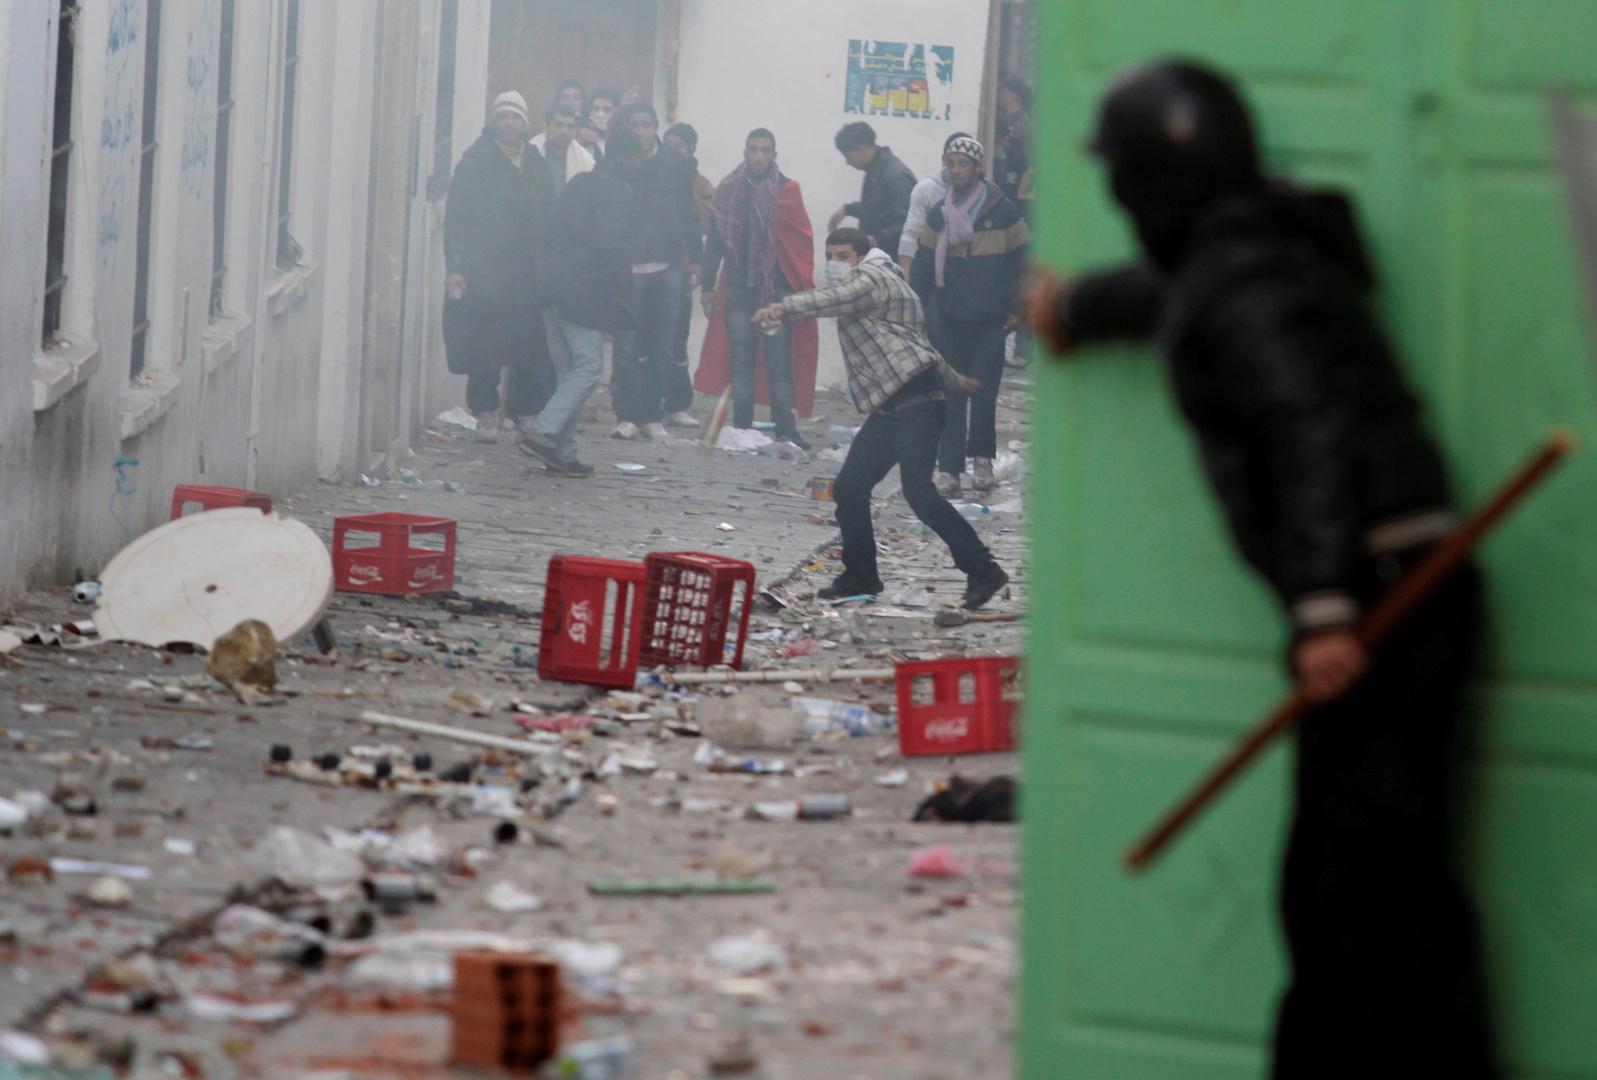 الهدوء يعود إلى تونس بعد ليلة عالية التوتر تخللتها اشتباكات متظاهرين مع قوات الأمن